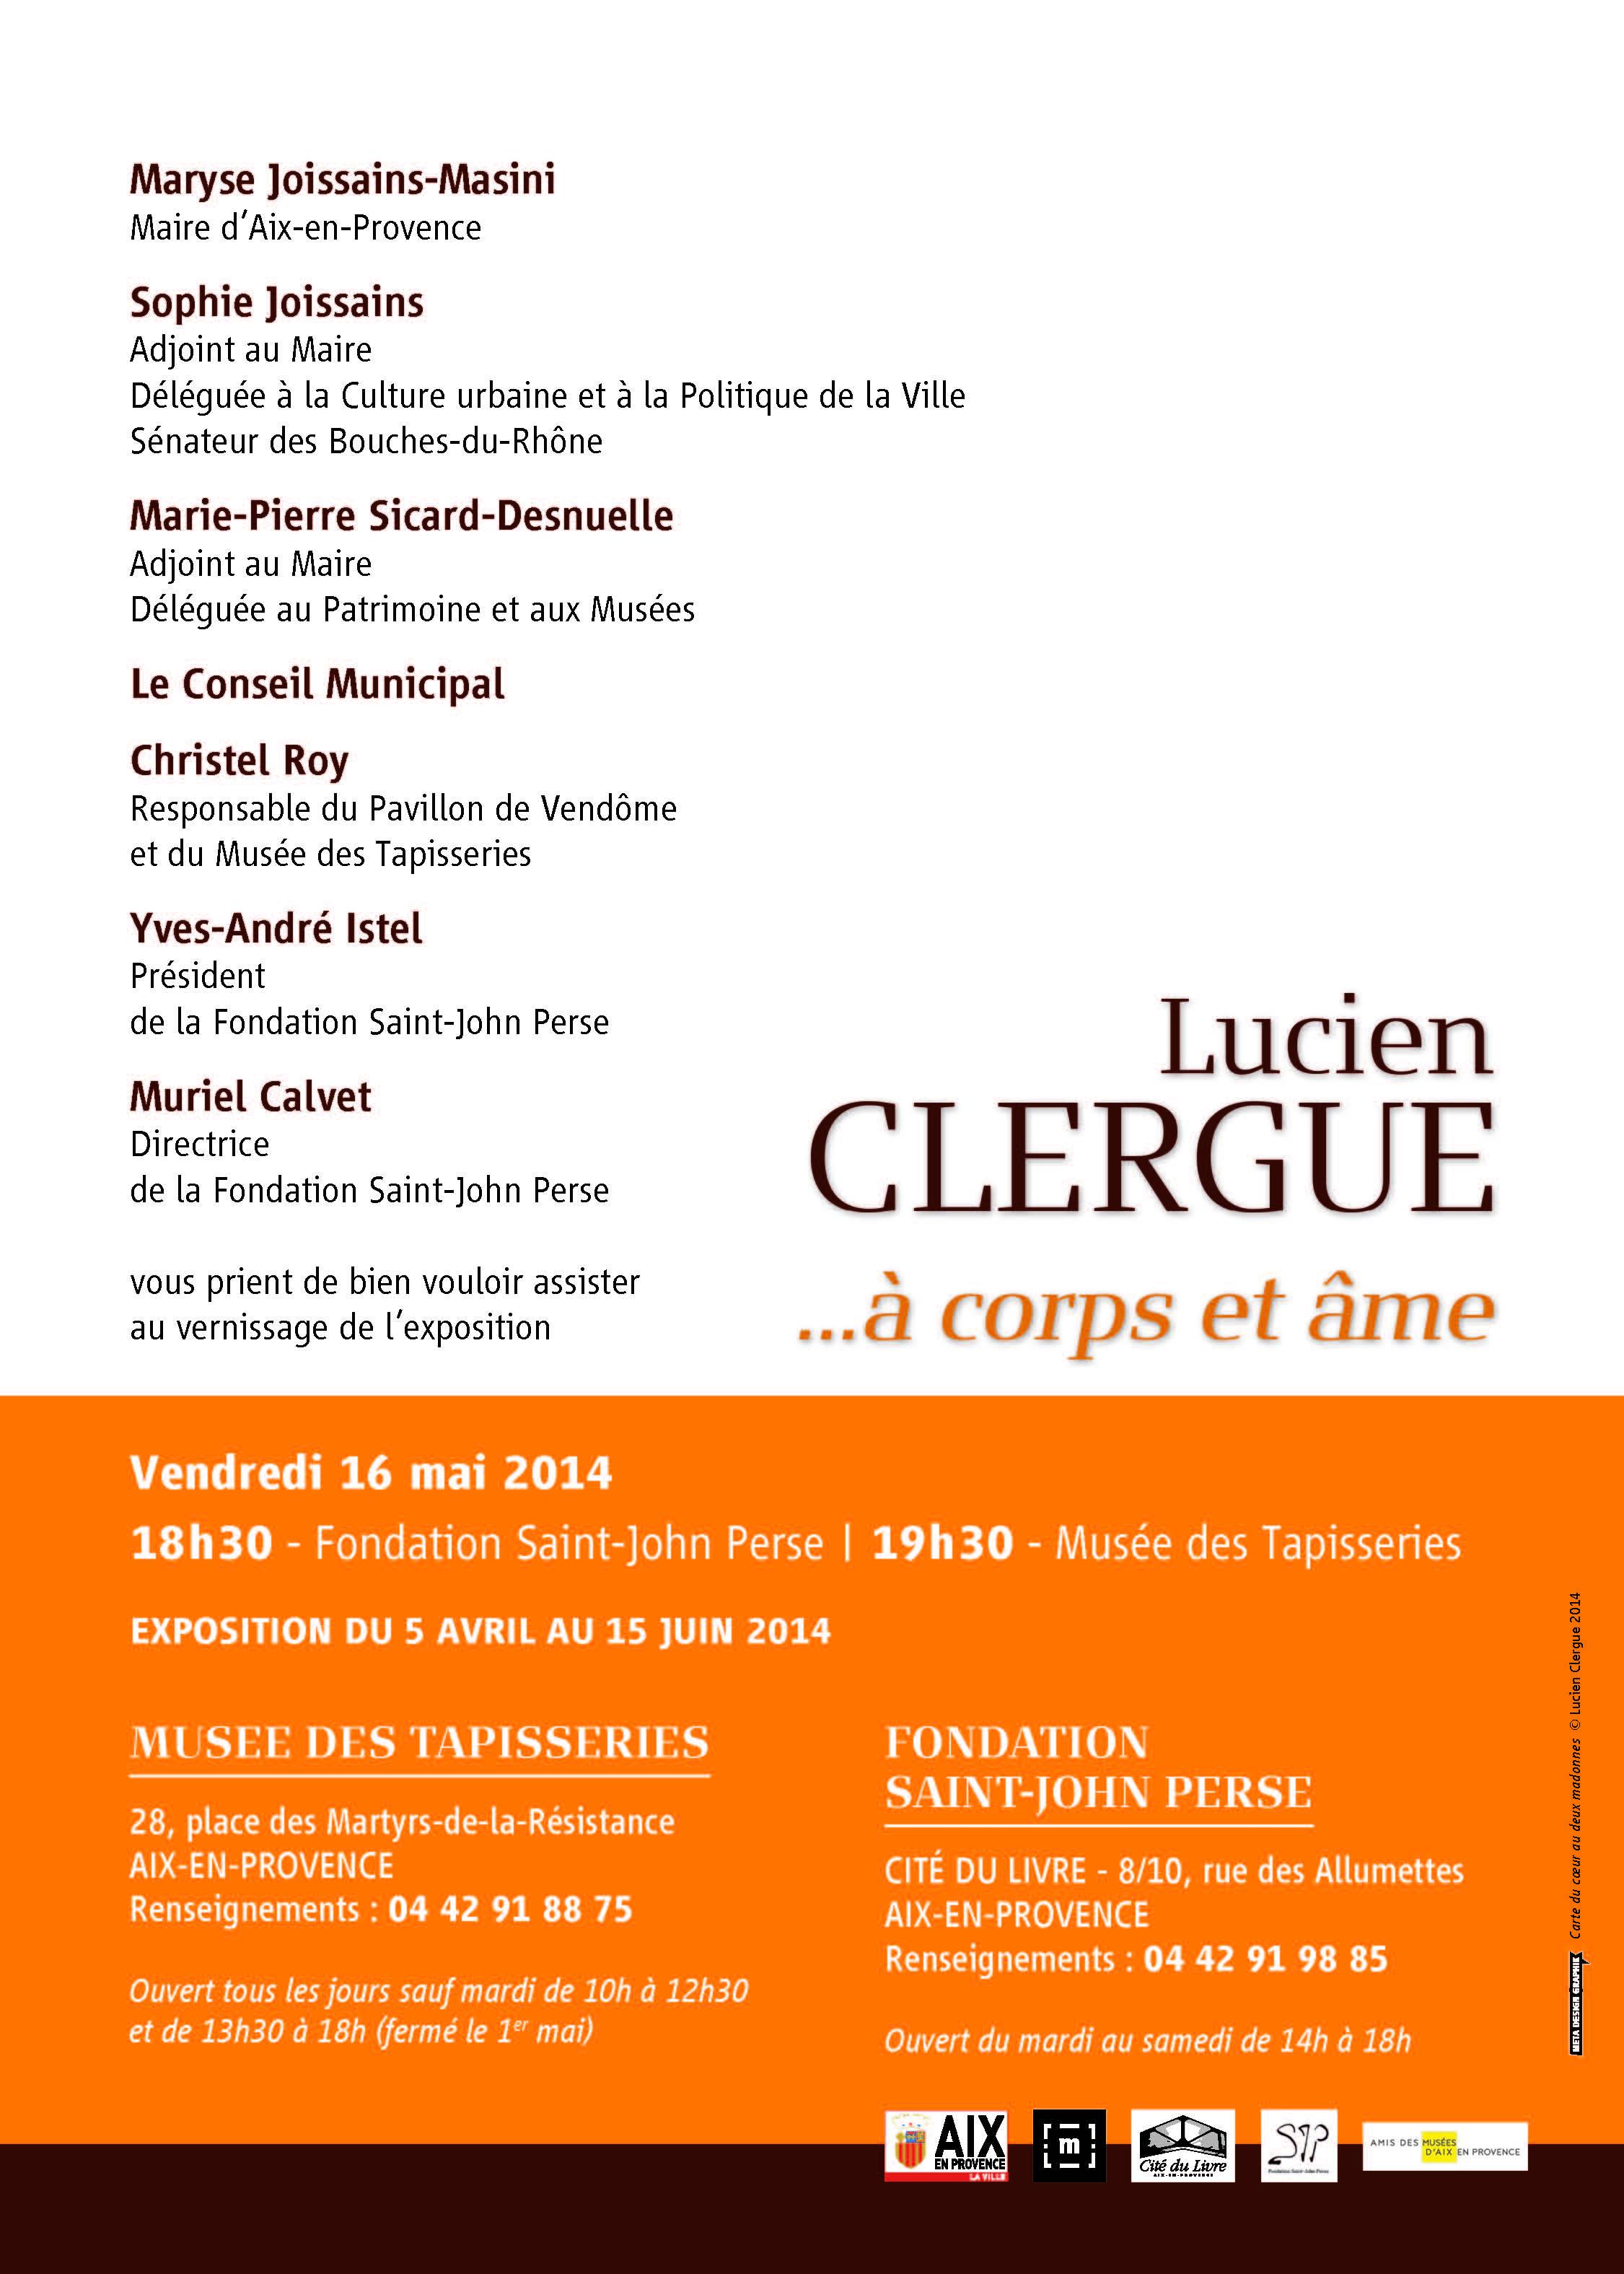 2014_05_16_Clergue_invitation 2